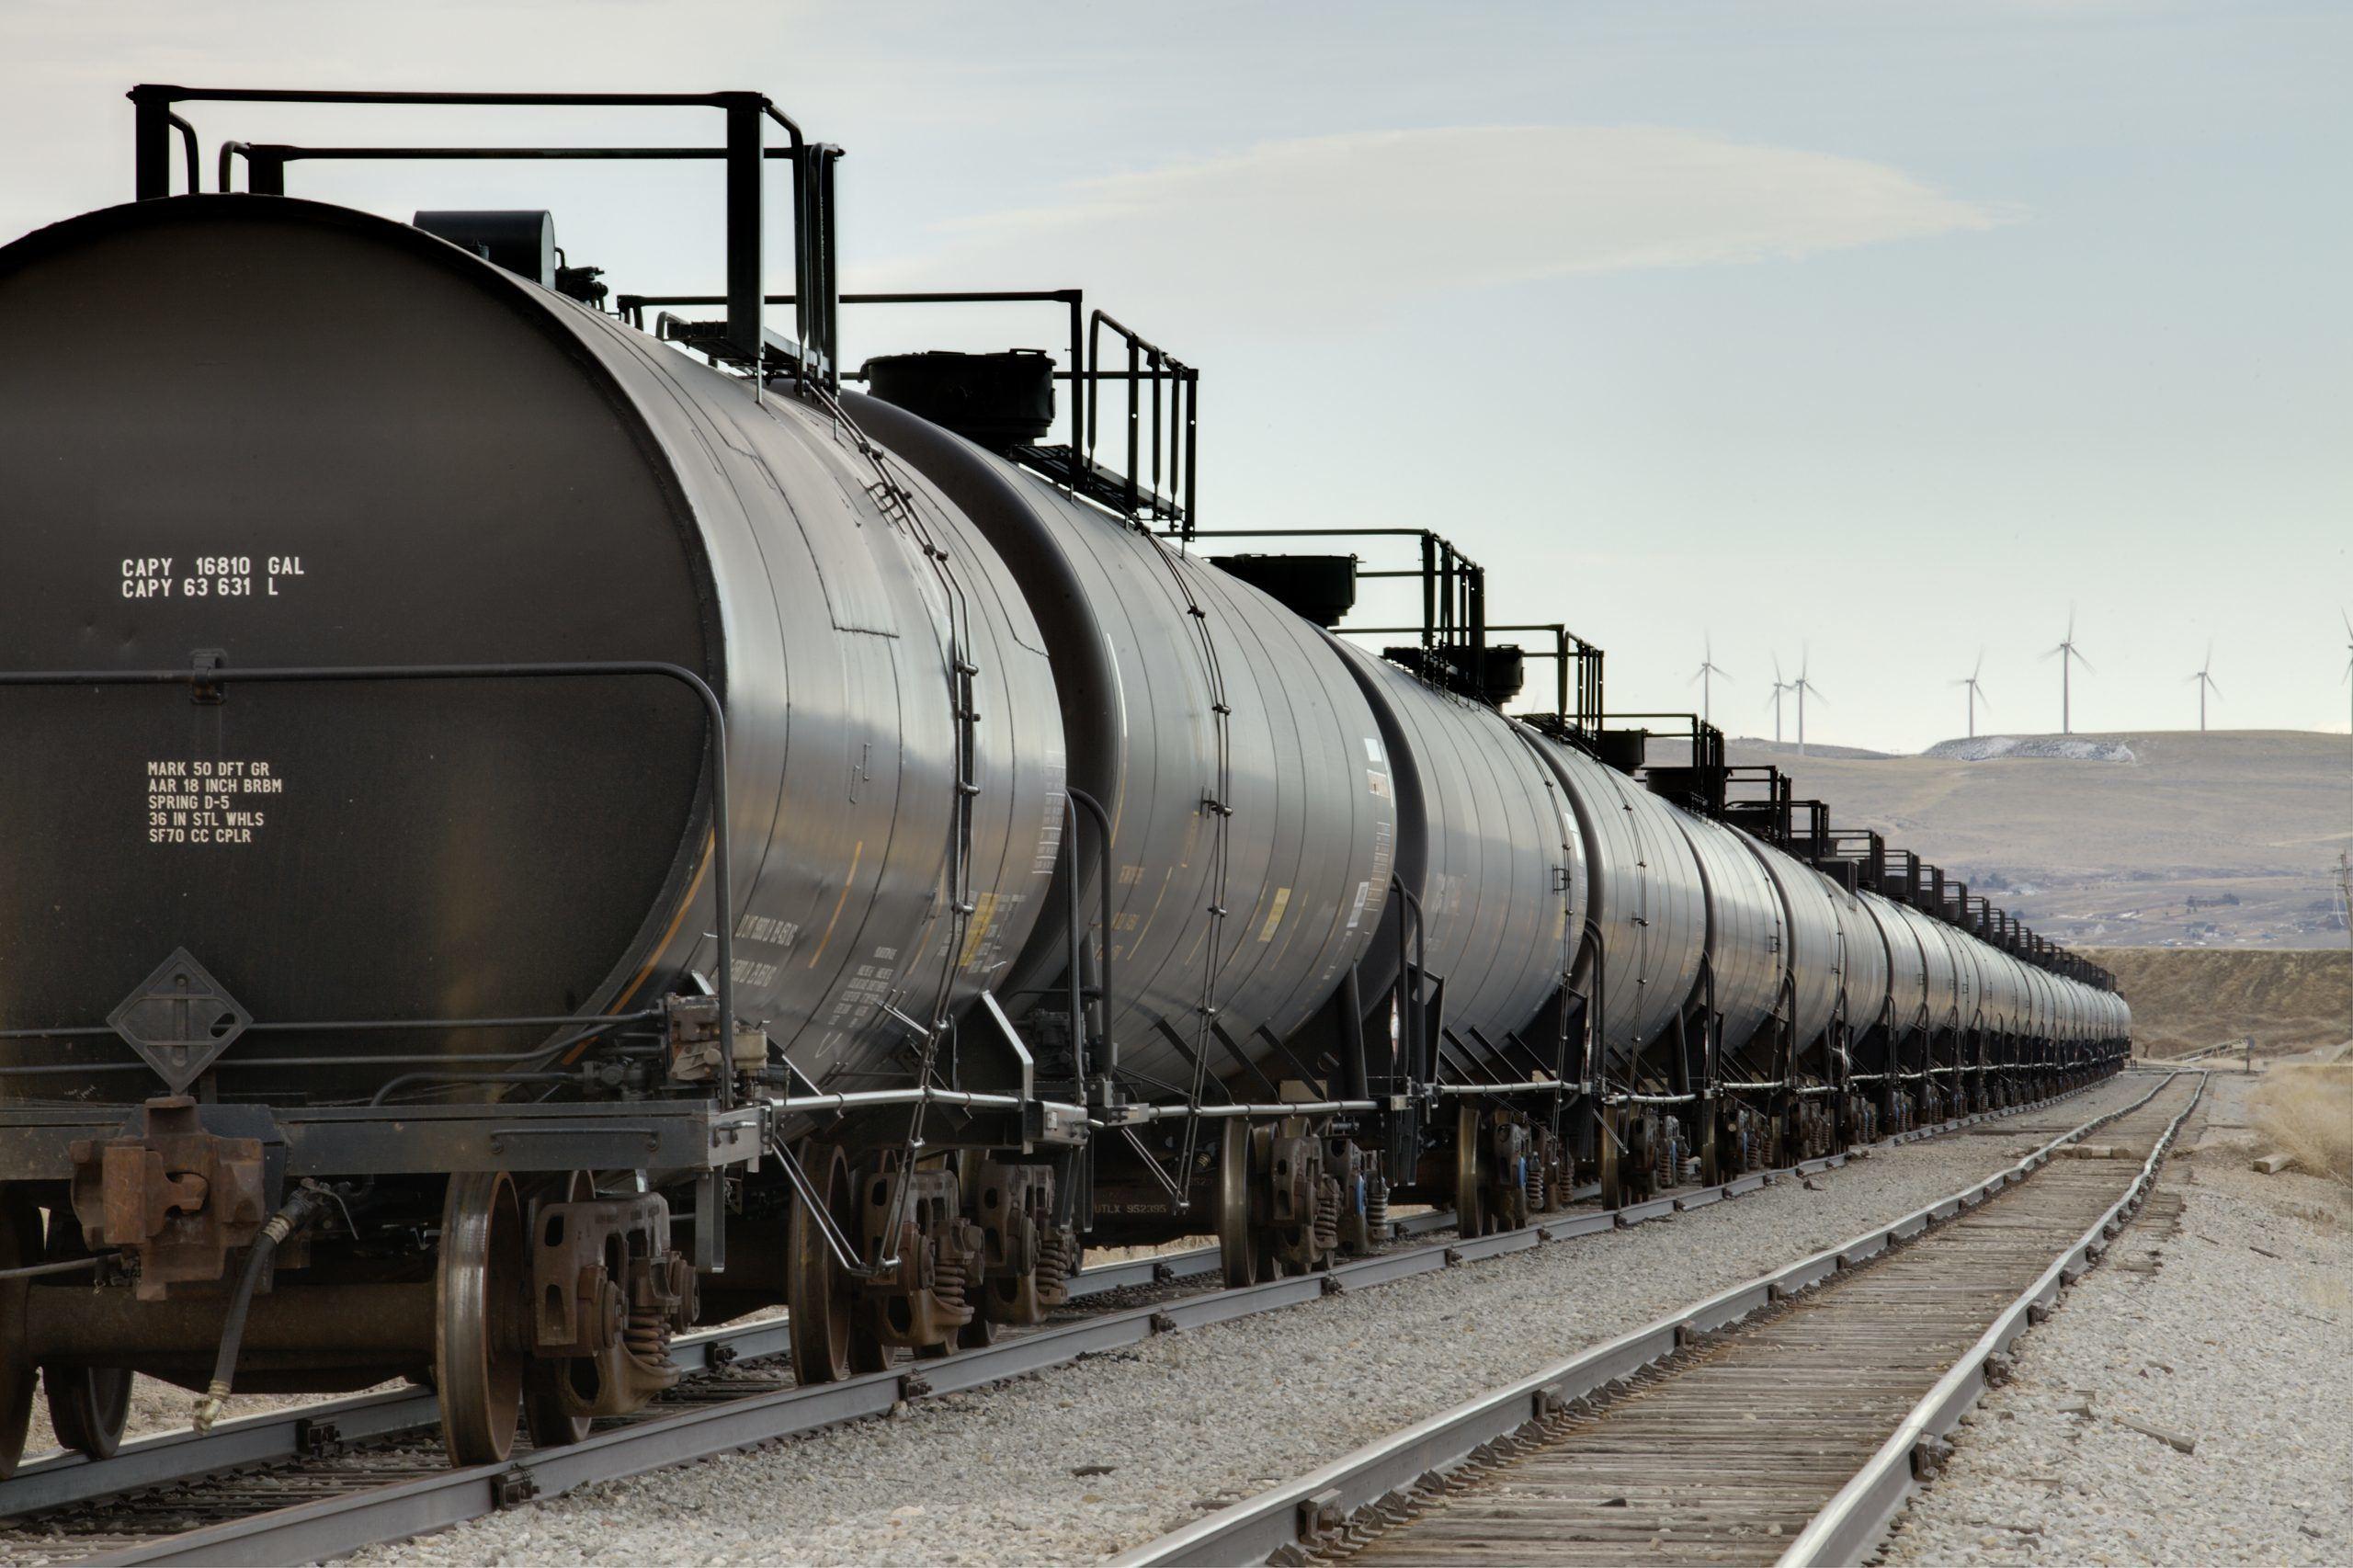 Gefahrguttransport - alternativ mit der Bahn